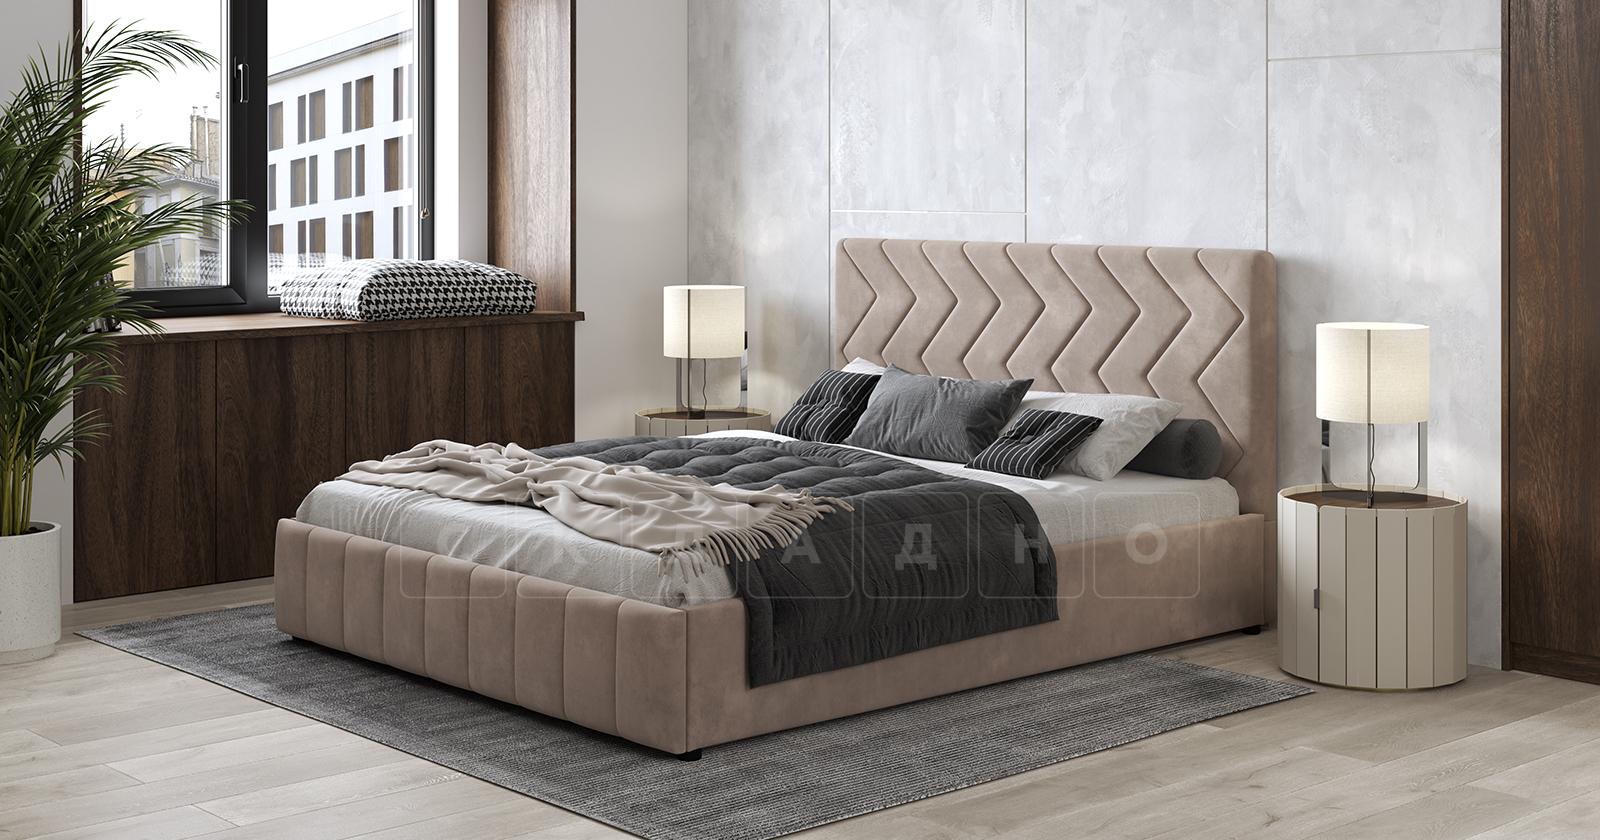 Мягкая кровать Милана 160 см карамельный тауп с подъемным механизмом фото 4 | интернет-магазин Складно